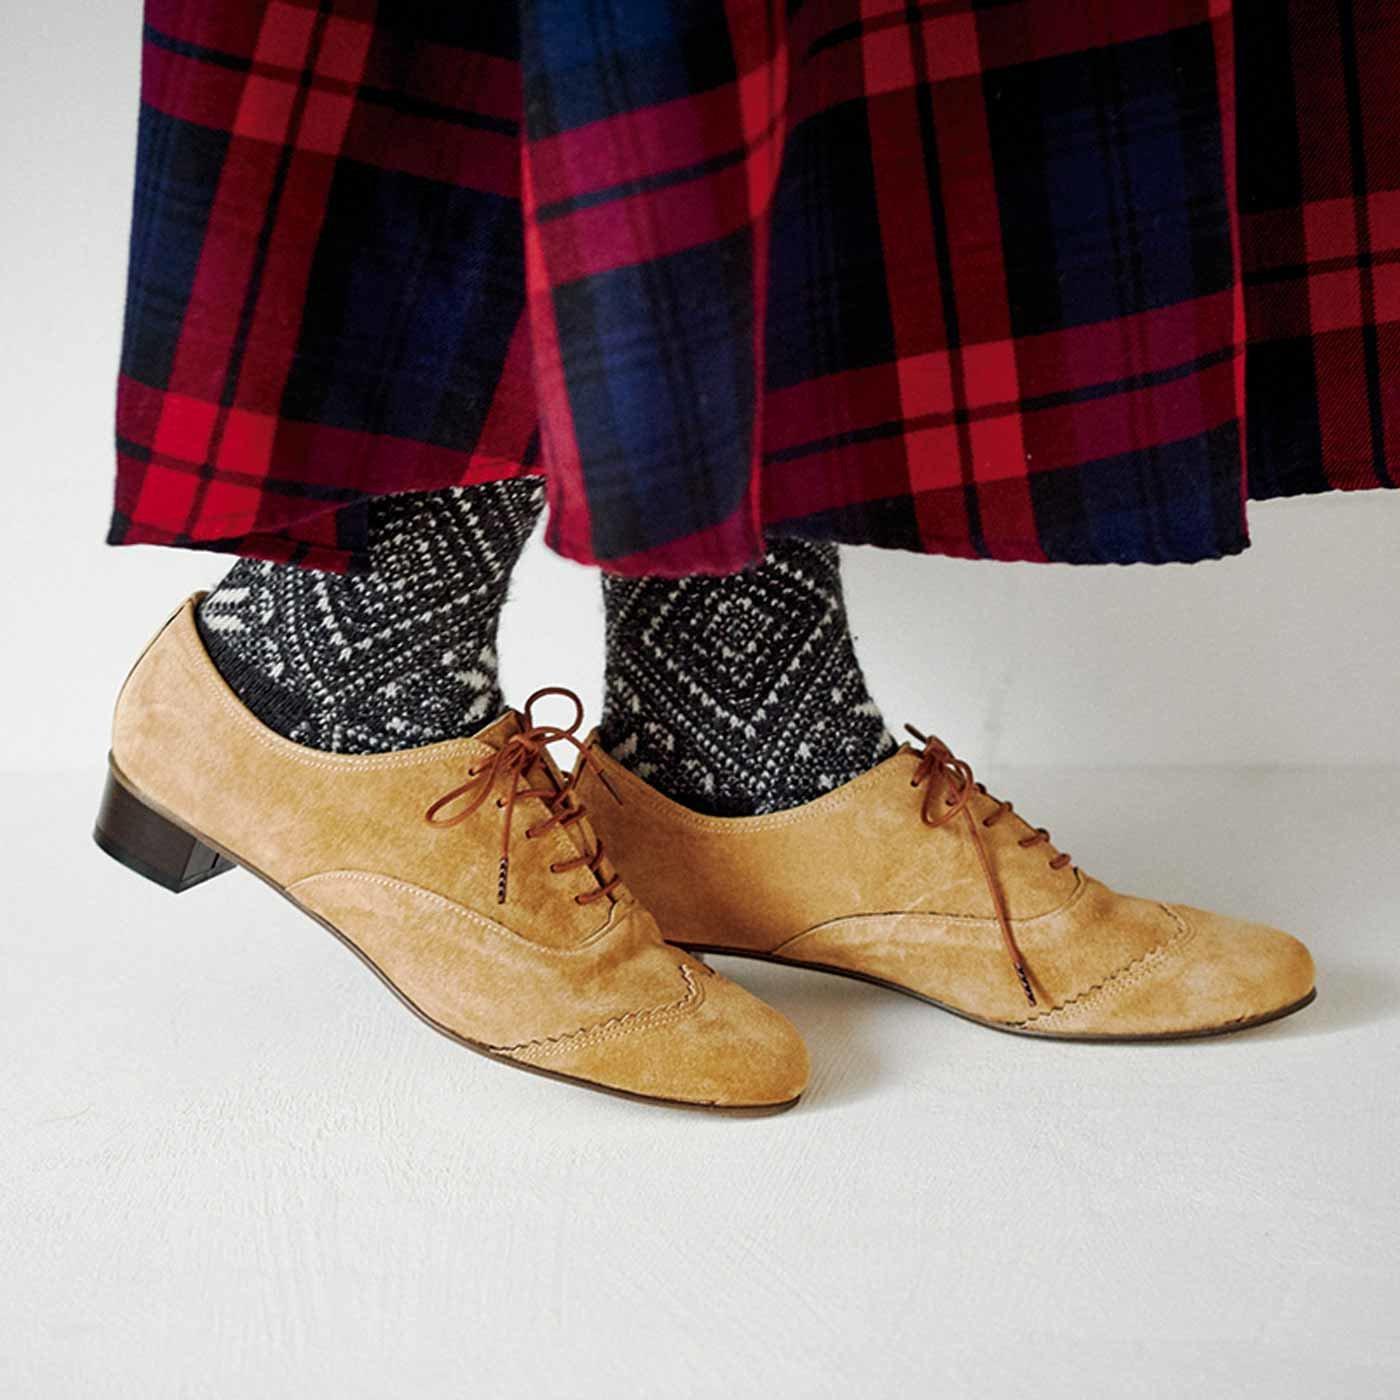 長田靴職人の本革仕立て シンプルレースアップ スエードシューズ〈ライトキャメル〉[本革 靴:日本製]